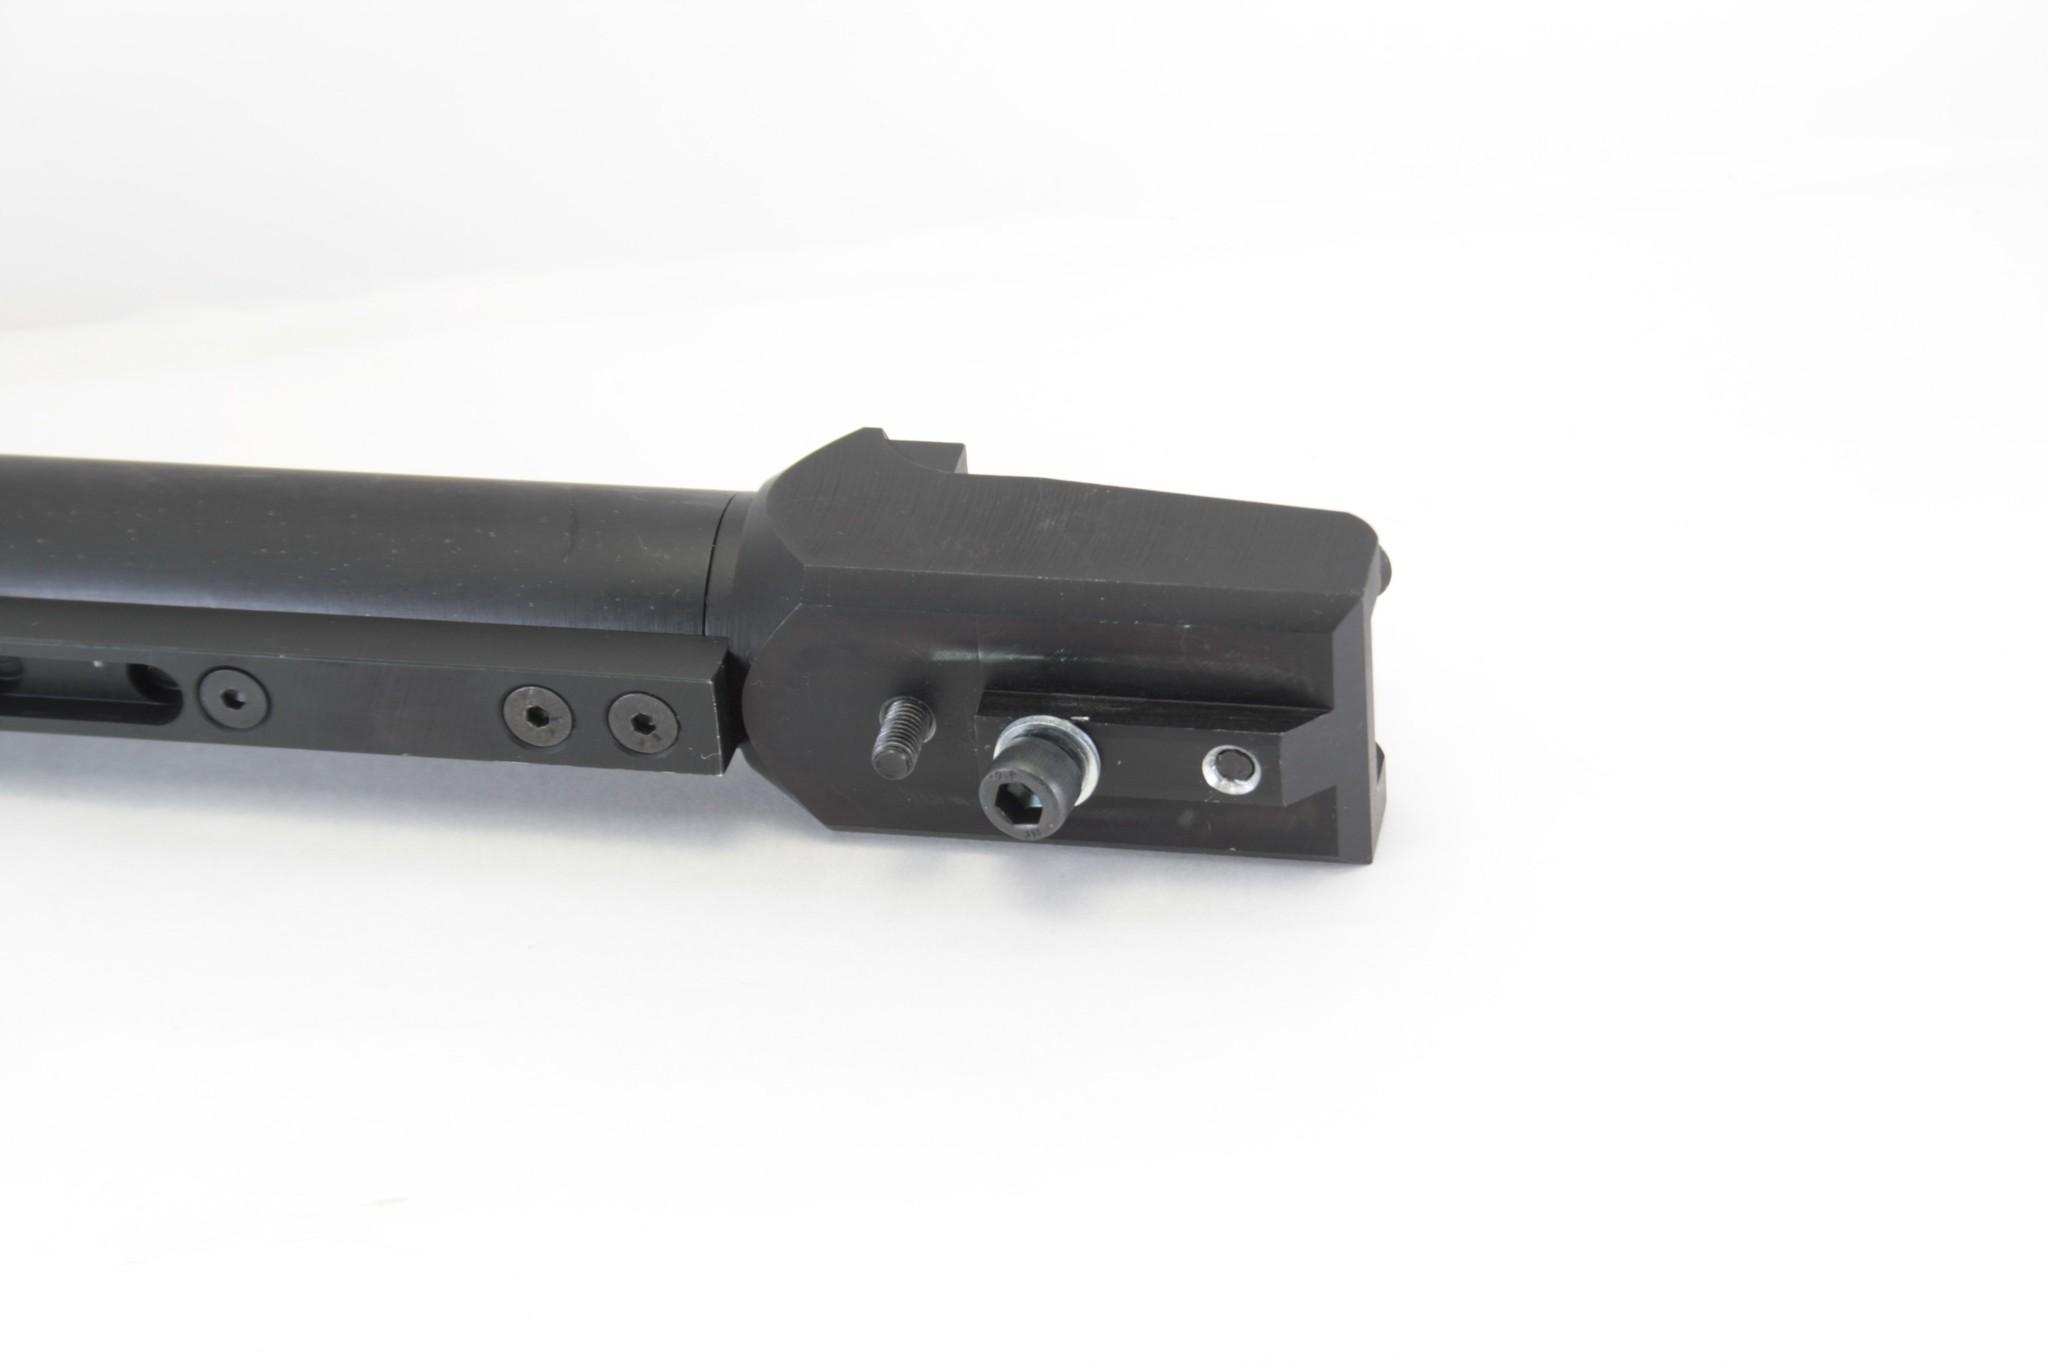 Труба приклада с переходником на СВД VR-16